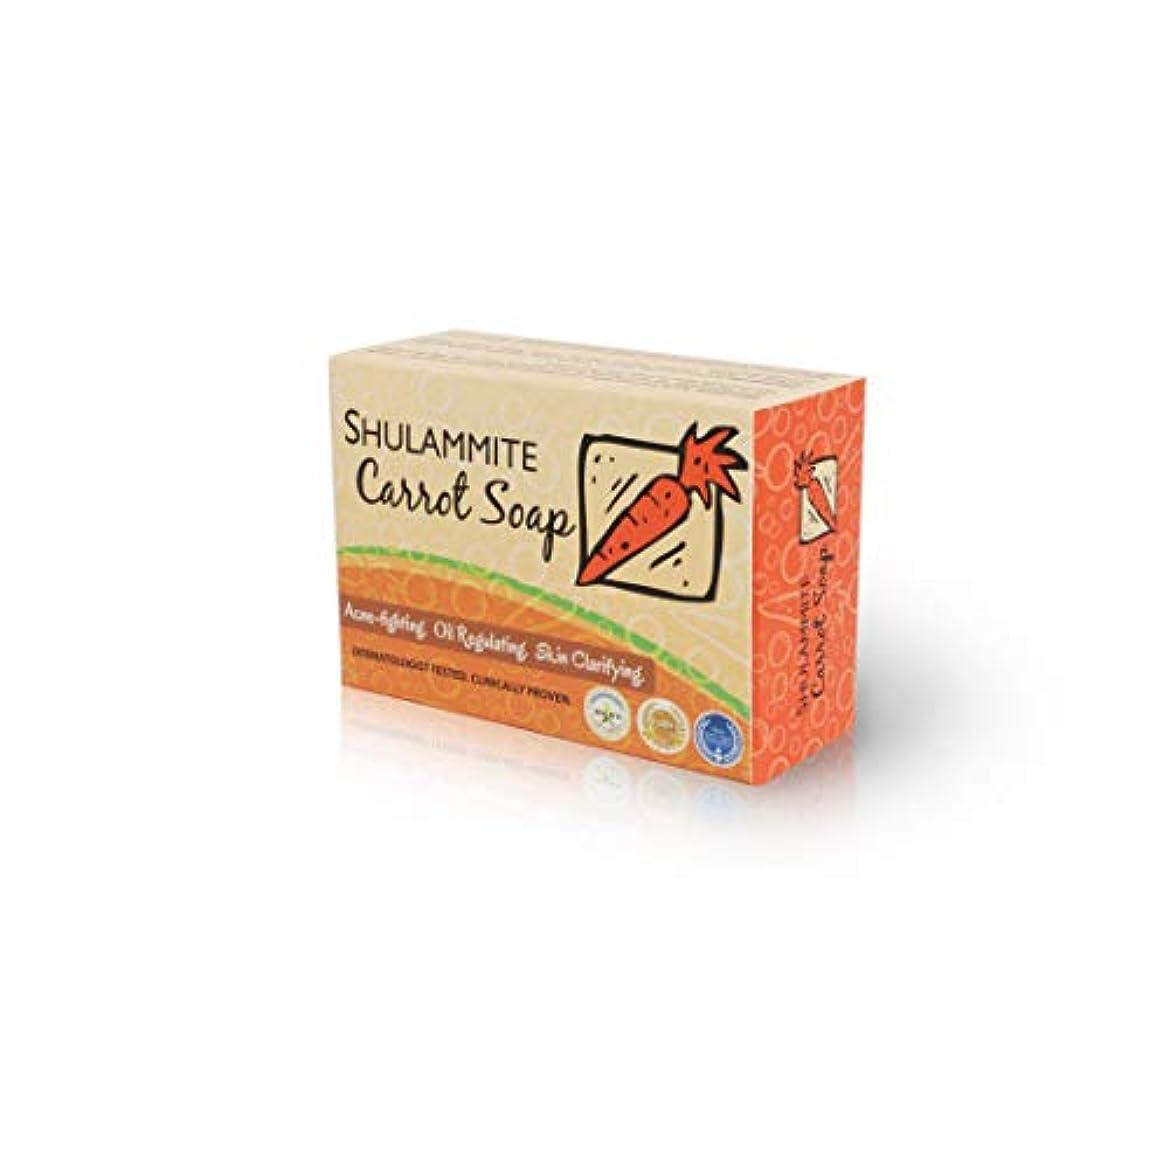 スキッパーラッチアシスタントSHULAMMITE Carrot Soap キャロットソープ150g 正規輸入代理店